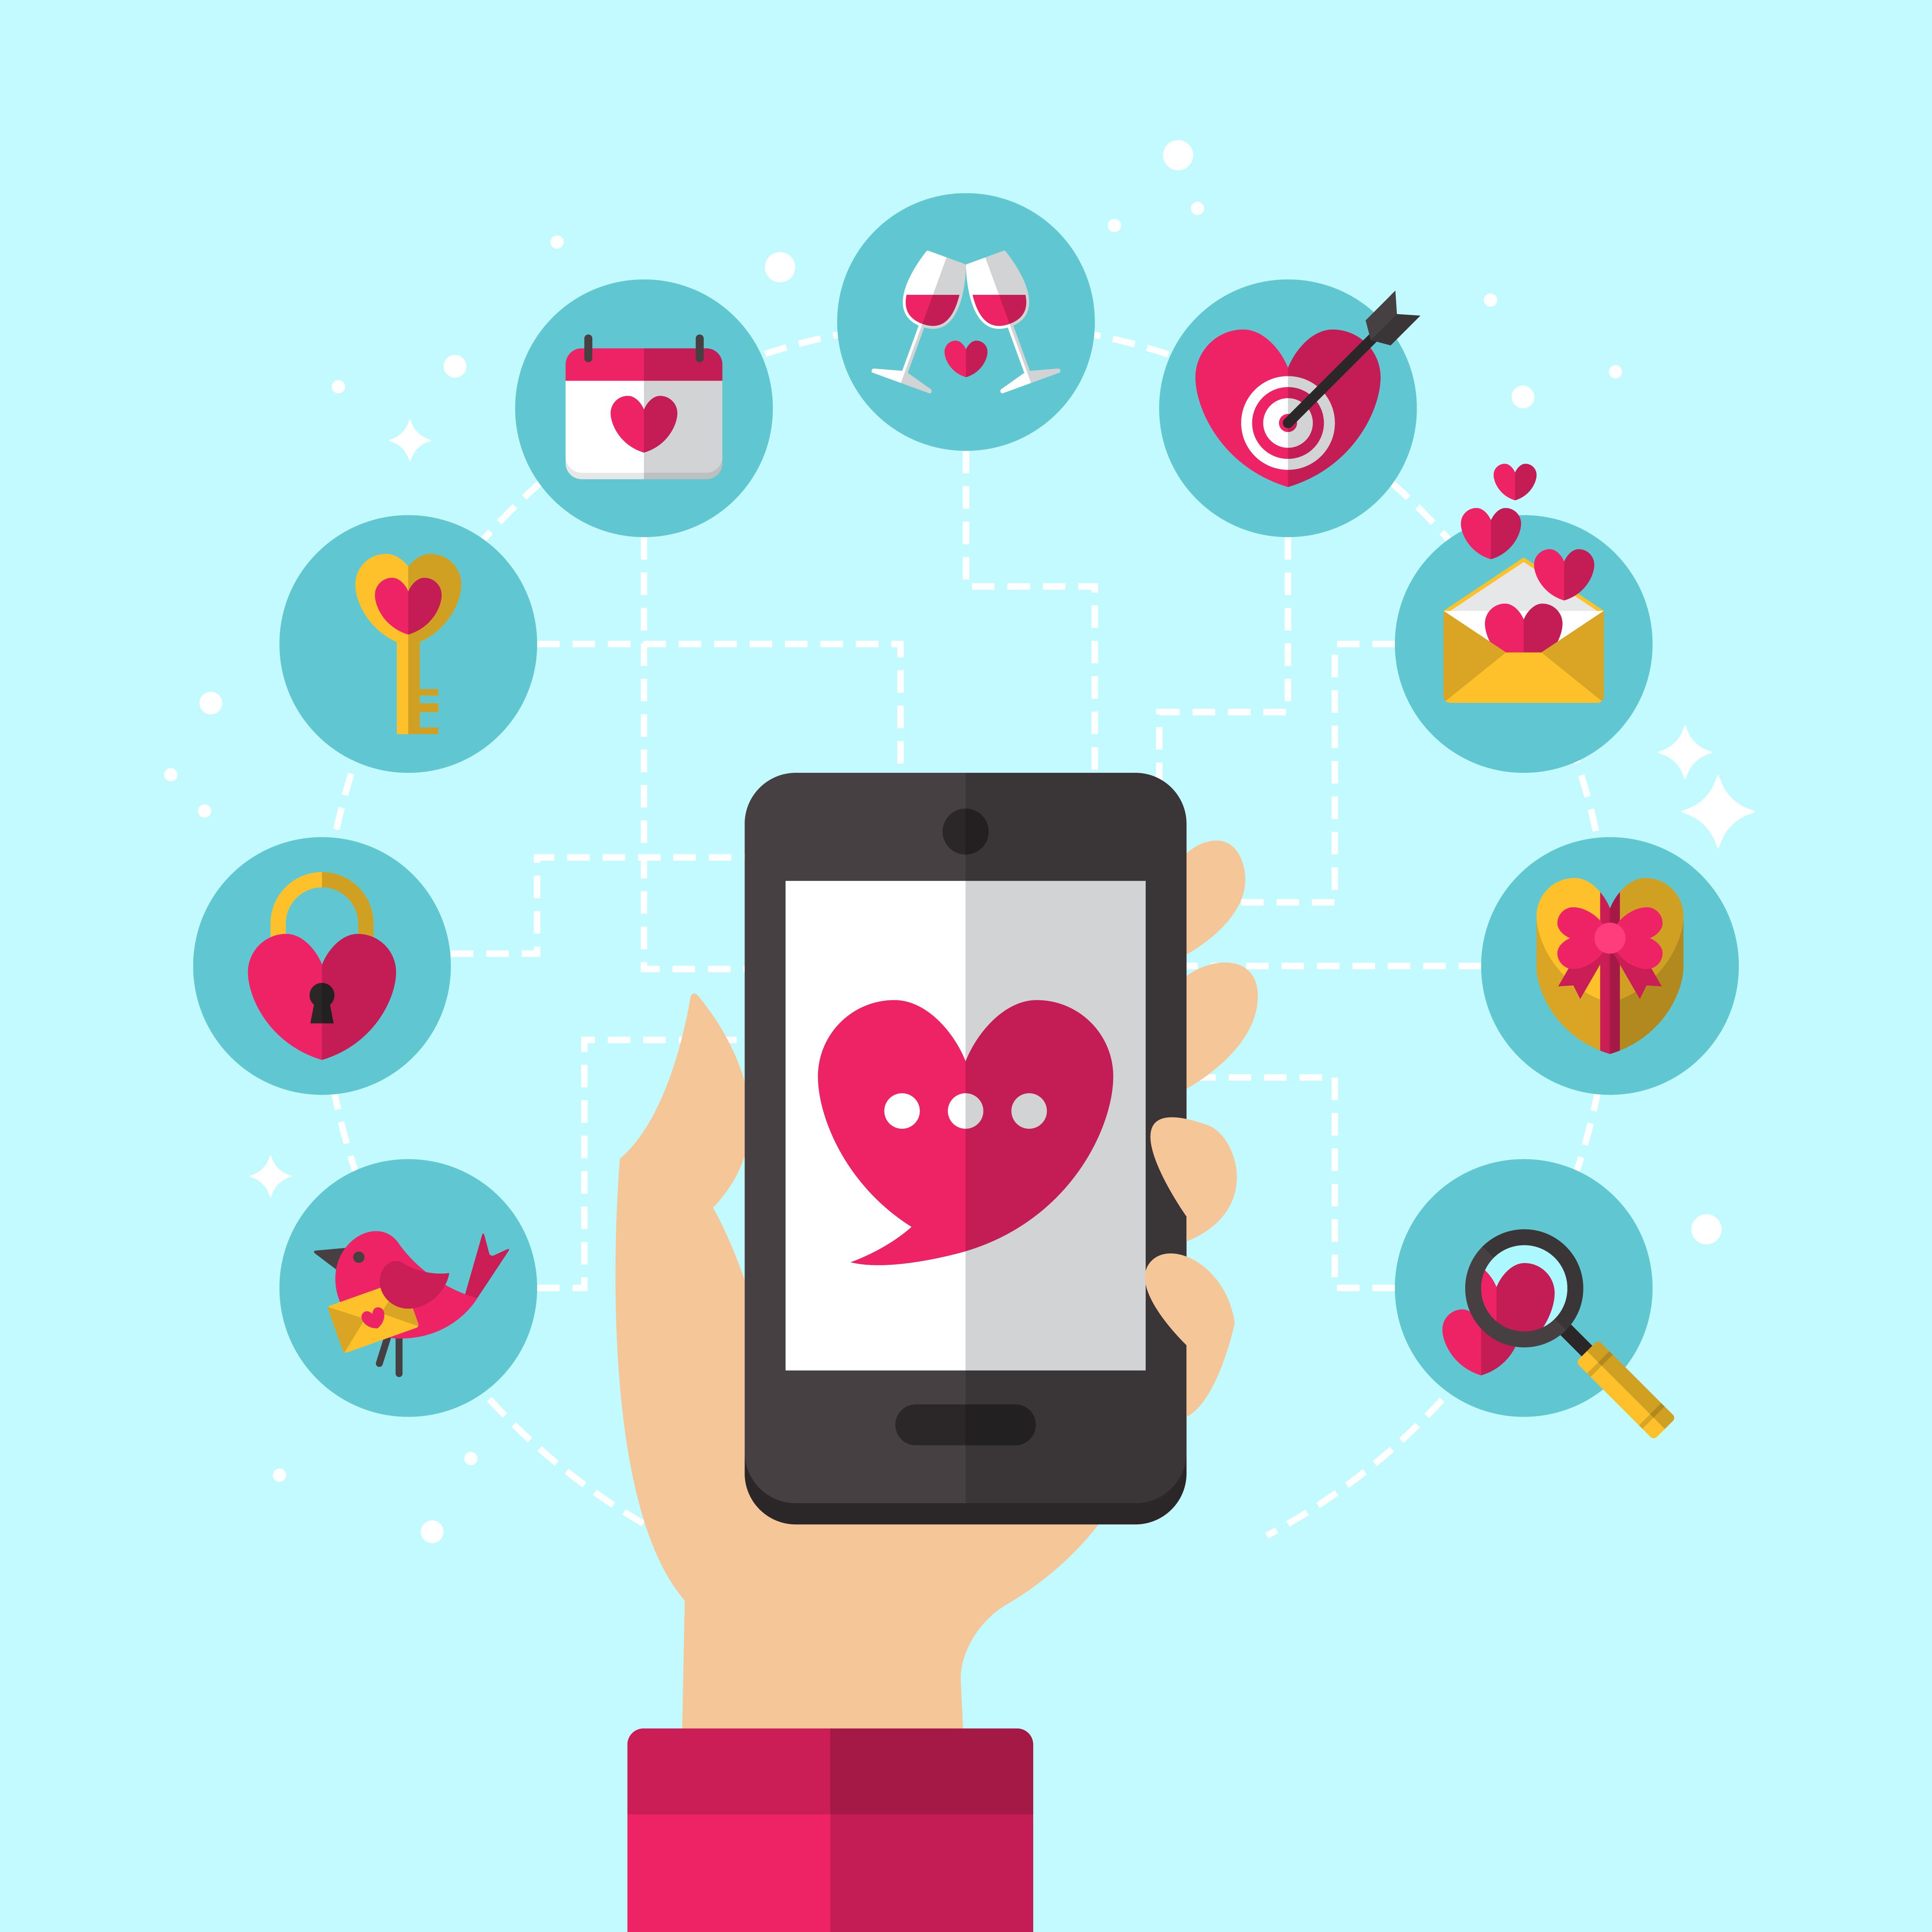 Дмитрий Кустов, New Business Director Appintop: «Знакомимся с мобильным трафиком: продвижение dating apps»